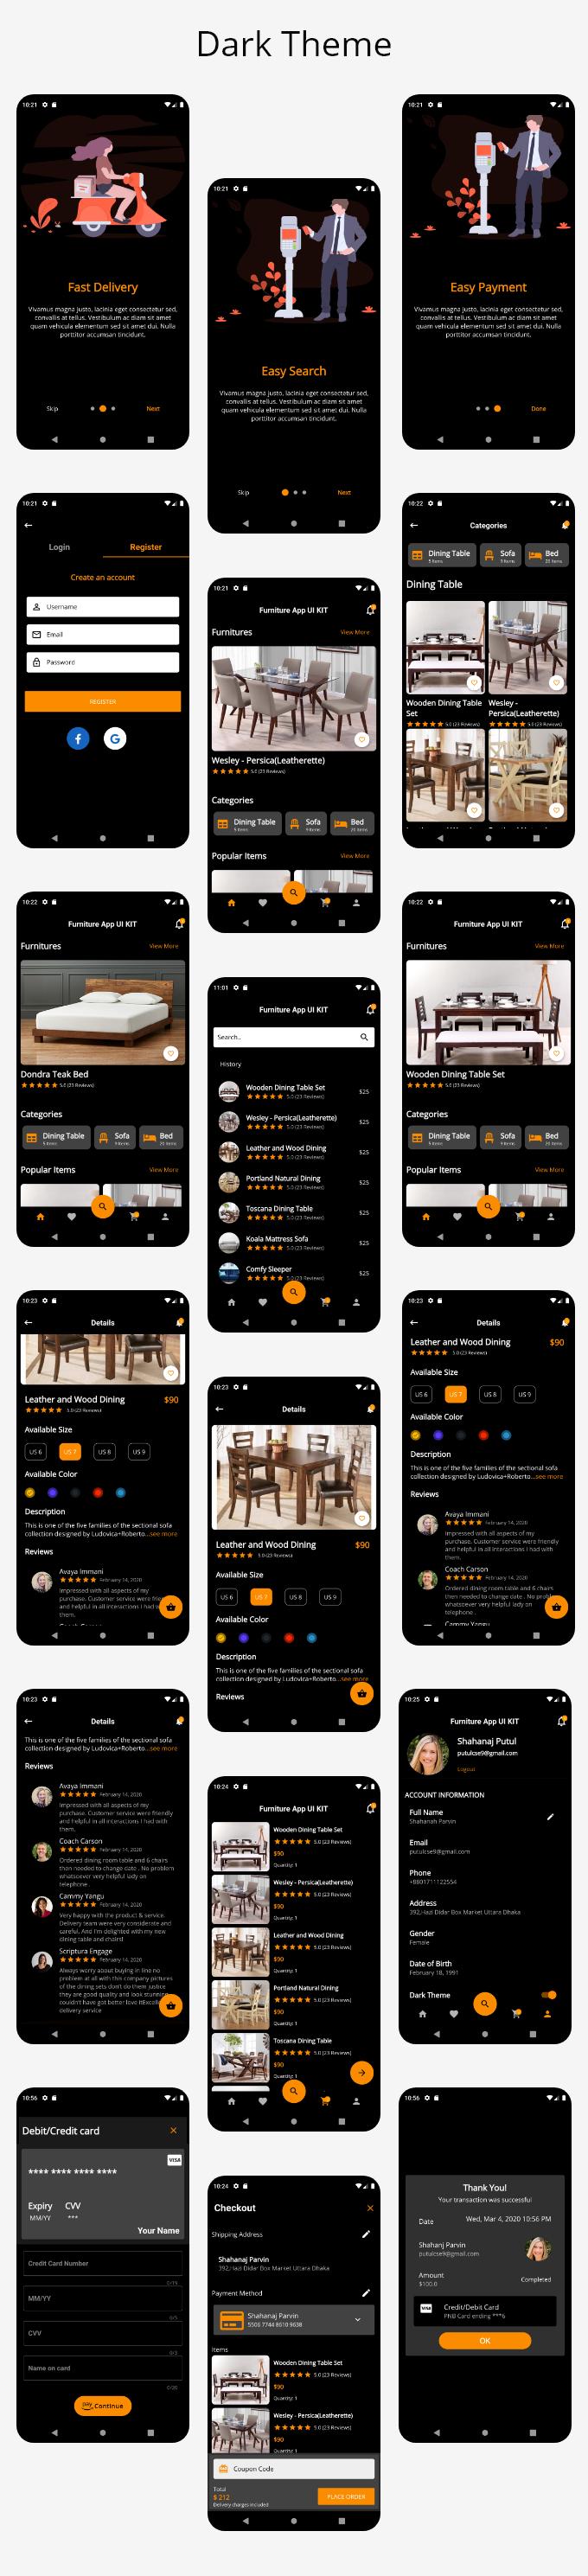 Furni - Furniture App UI Kit By Flutter - 1